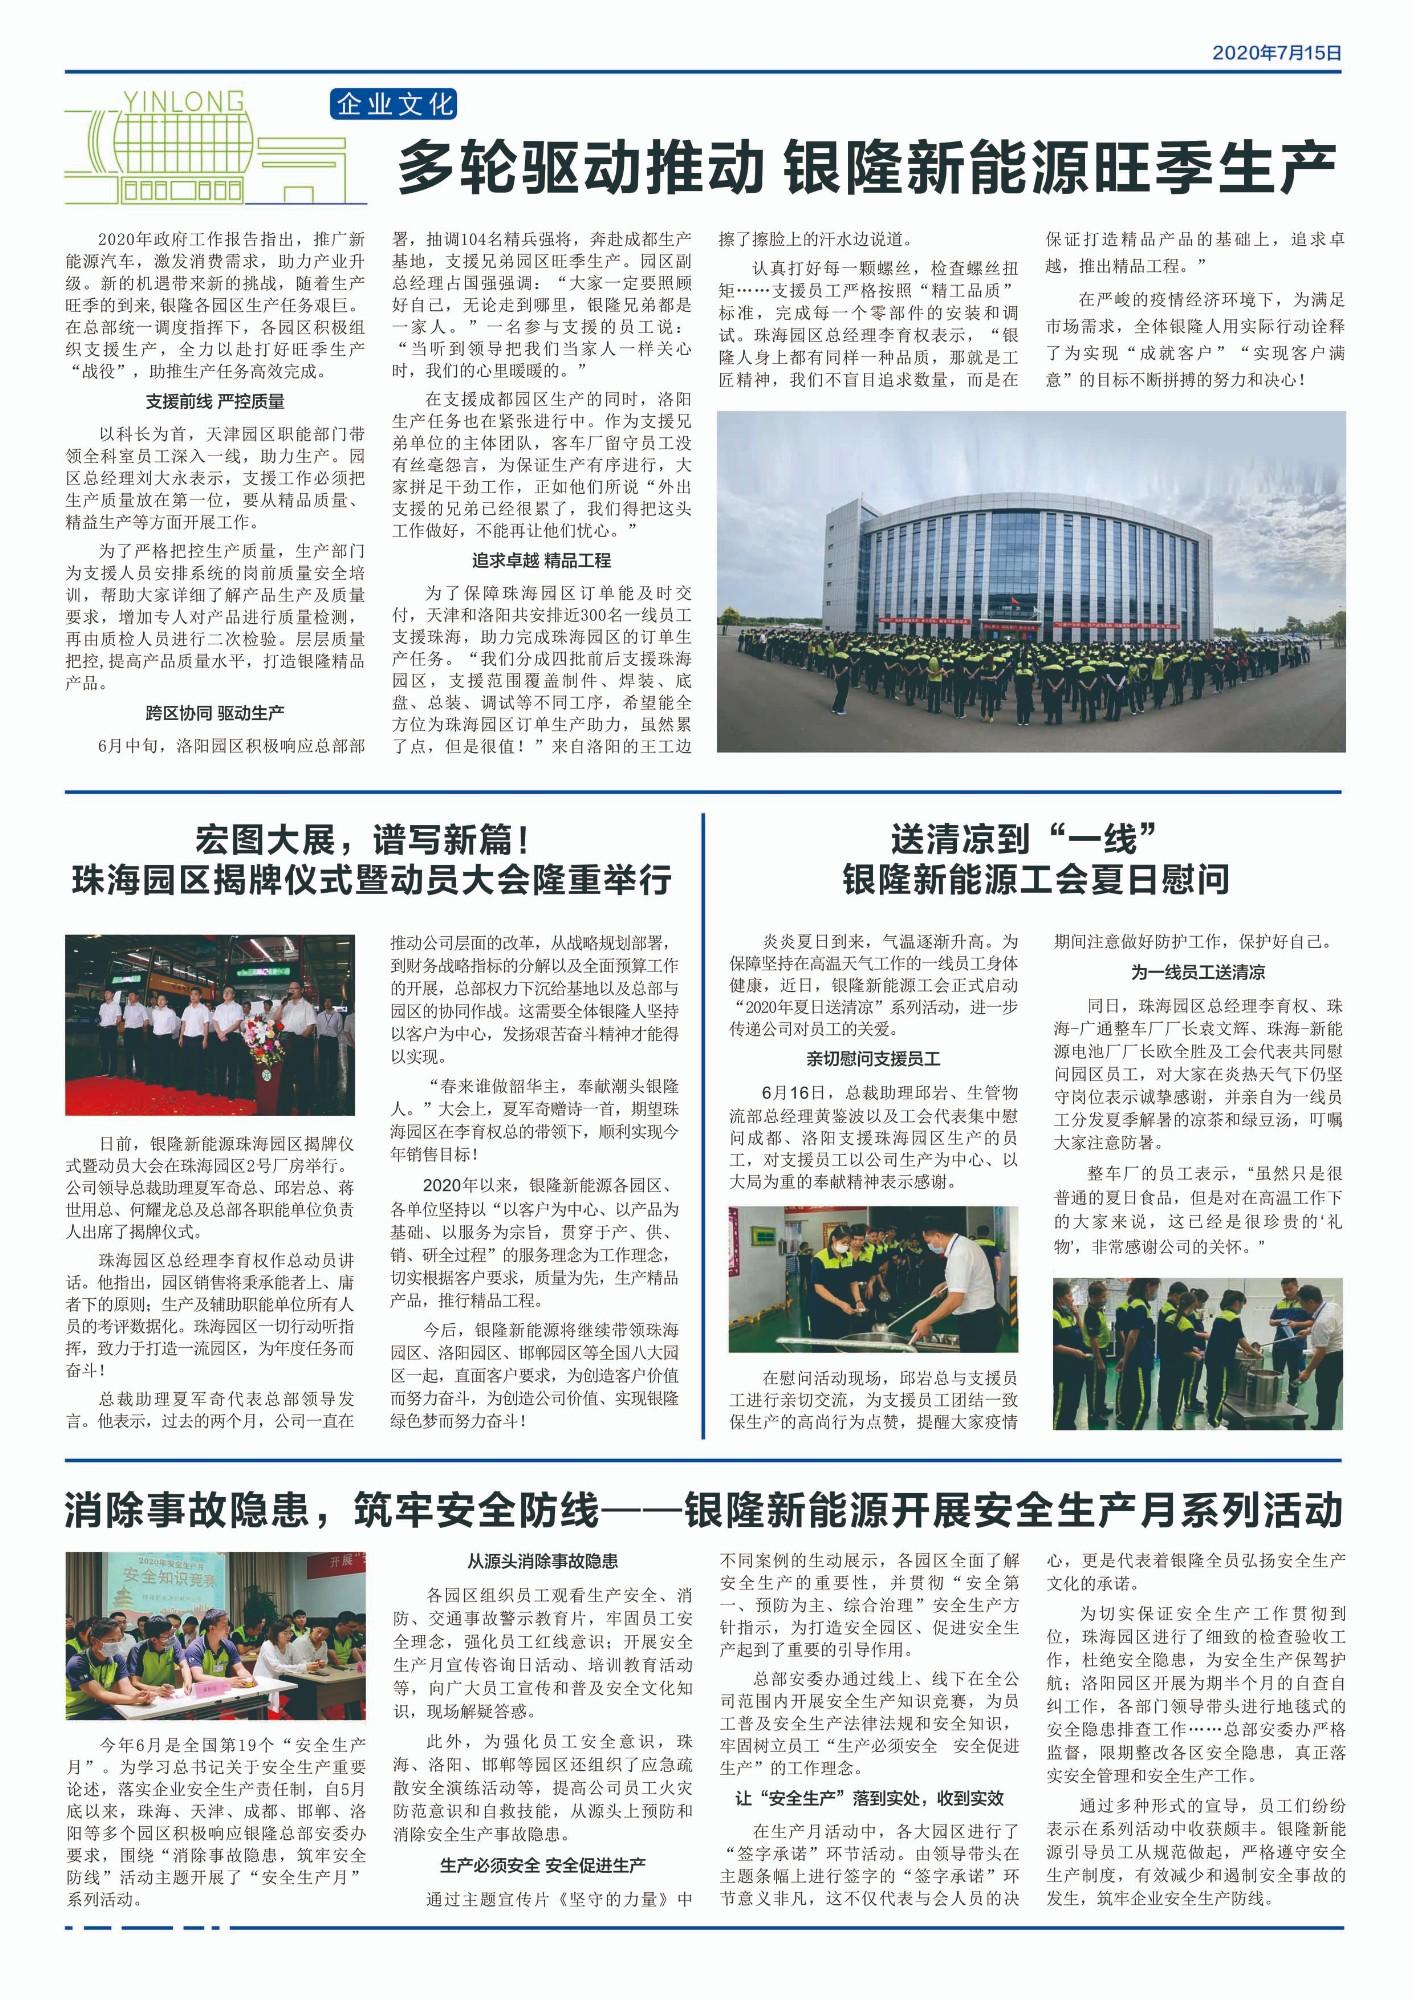 《雷竞技雷竞技官网DOTA2,LOL,CSGO最佳电竞赛事竞猜》报-第七期  第三版